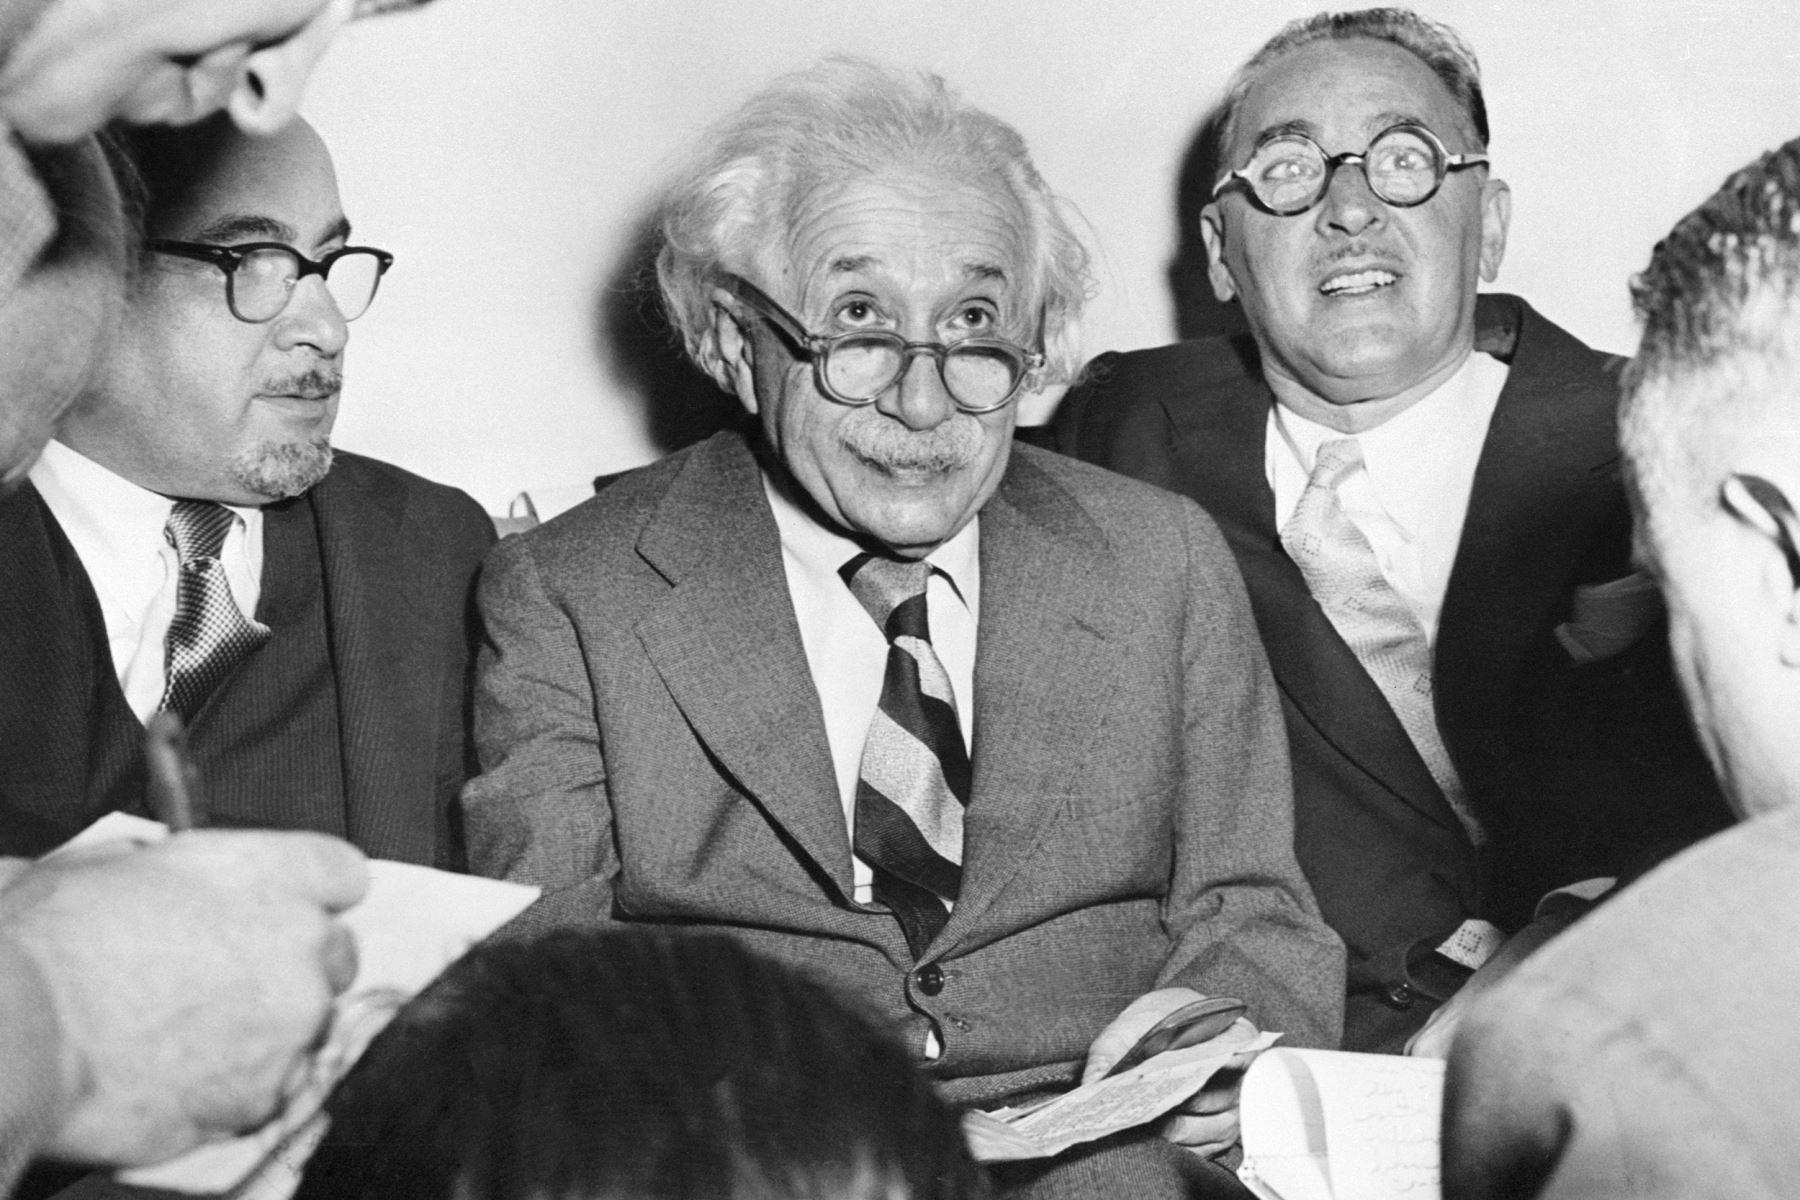 Albert Einstein celebrando su 75 cumpleaños en la Universidad de Princeton, el 15 de marzo de 1954. Foto: AFP